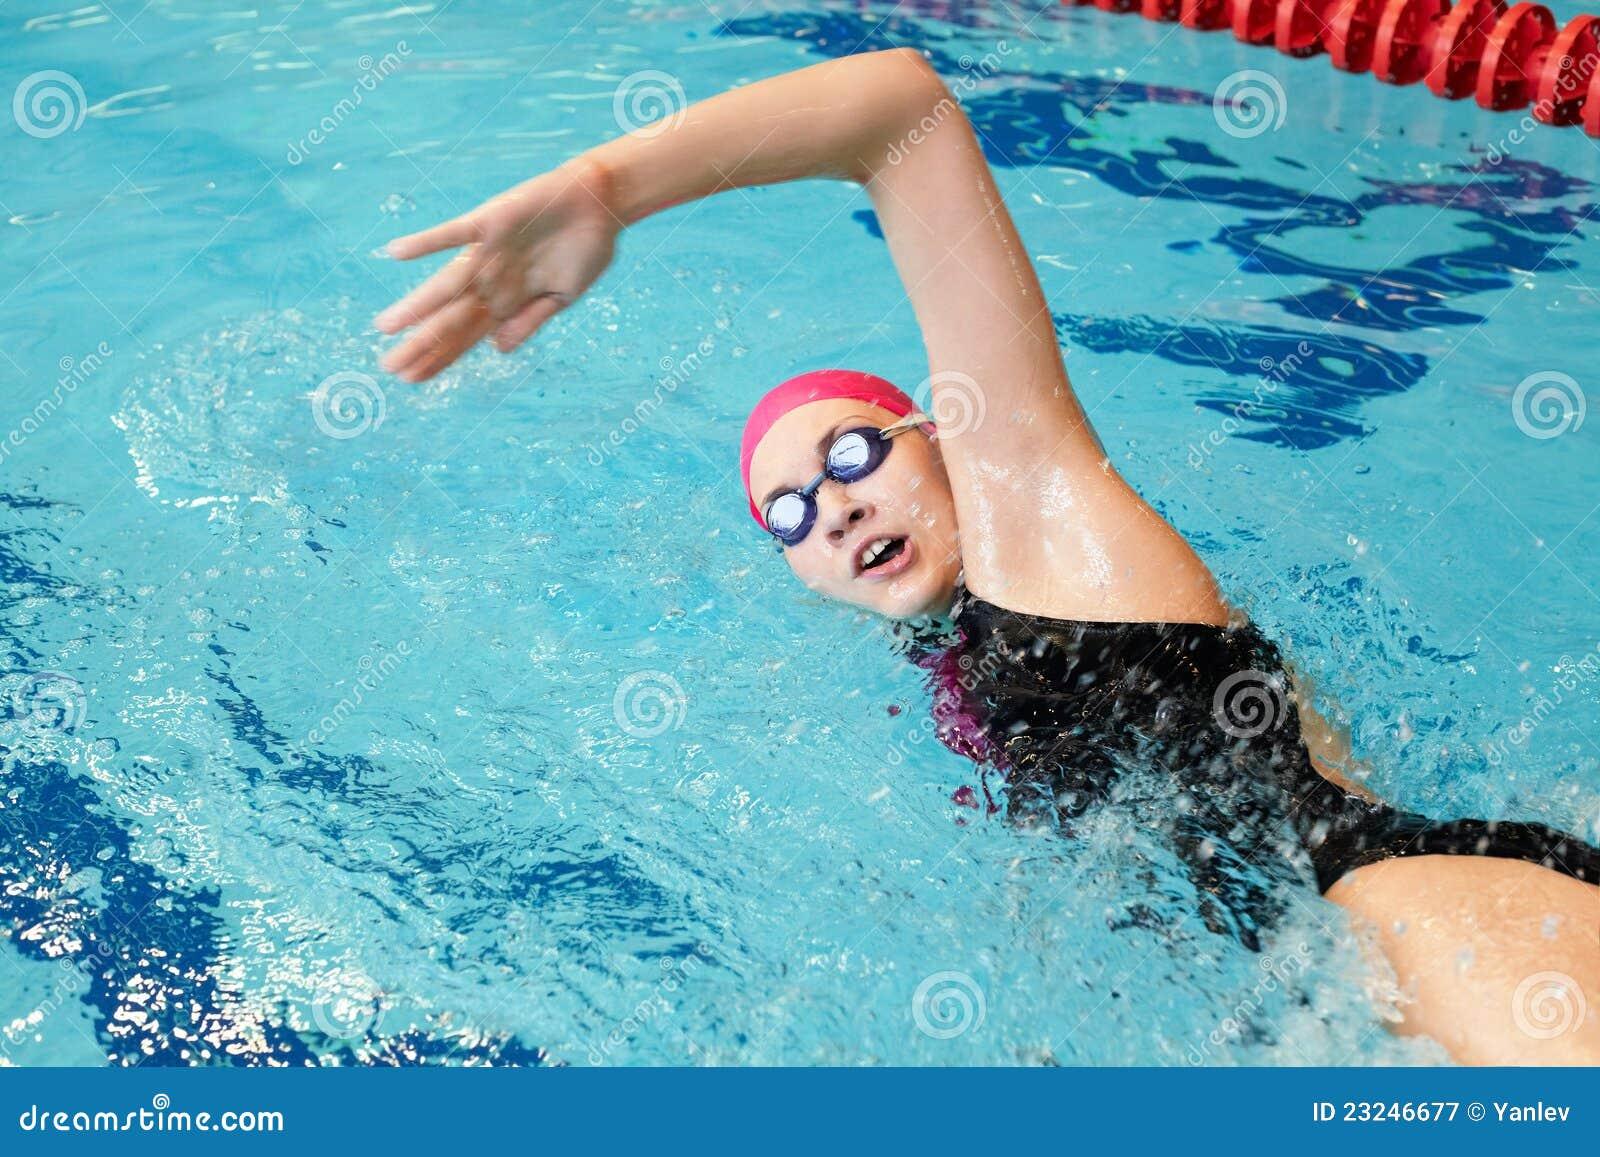 Юри в бассейне 11 фотография